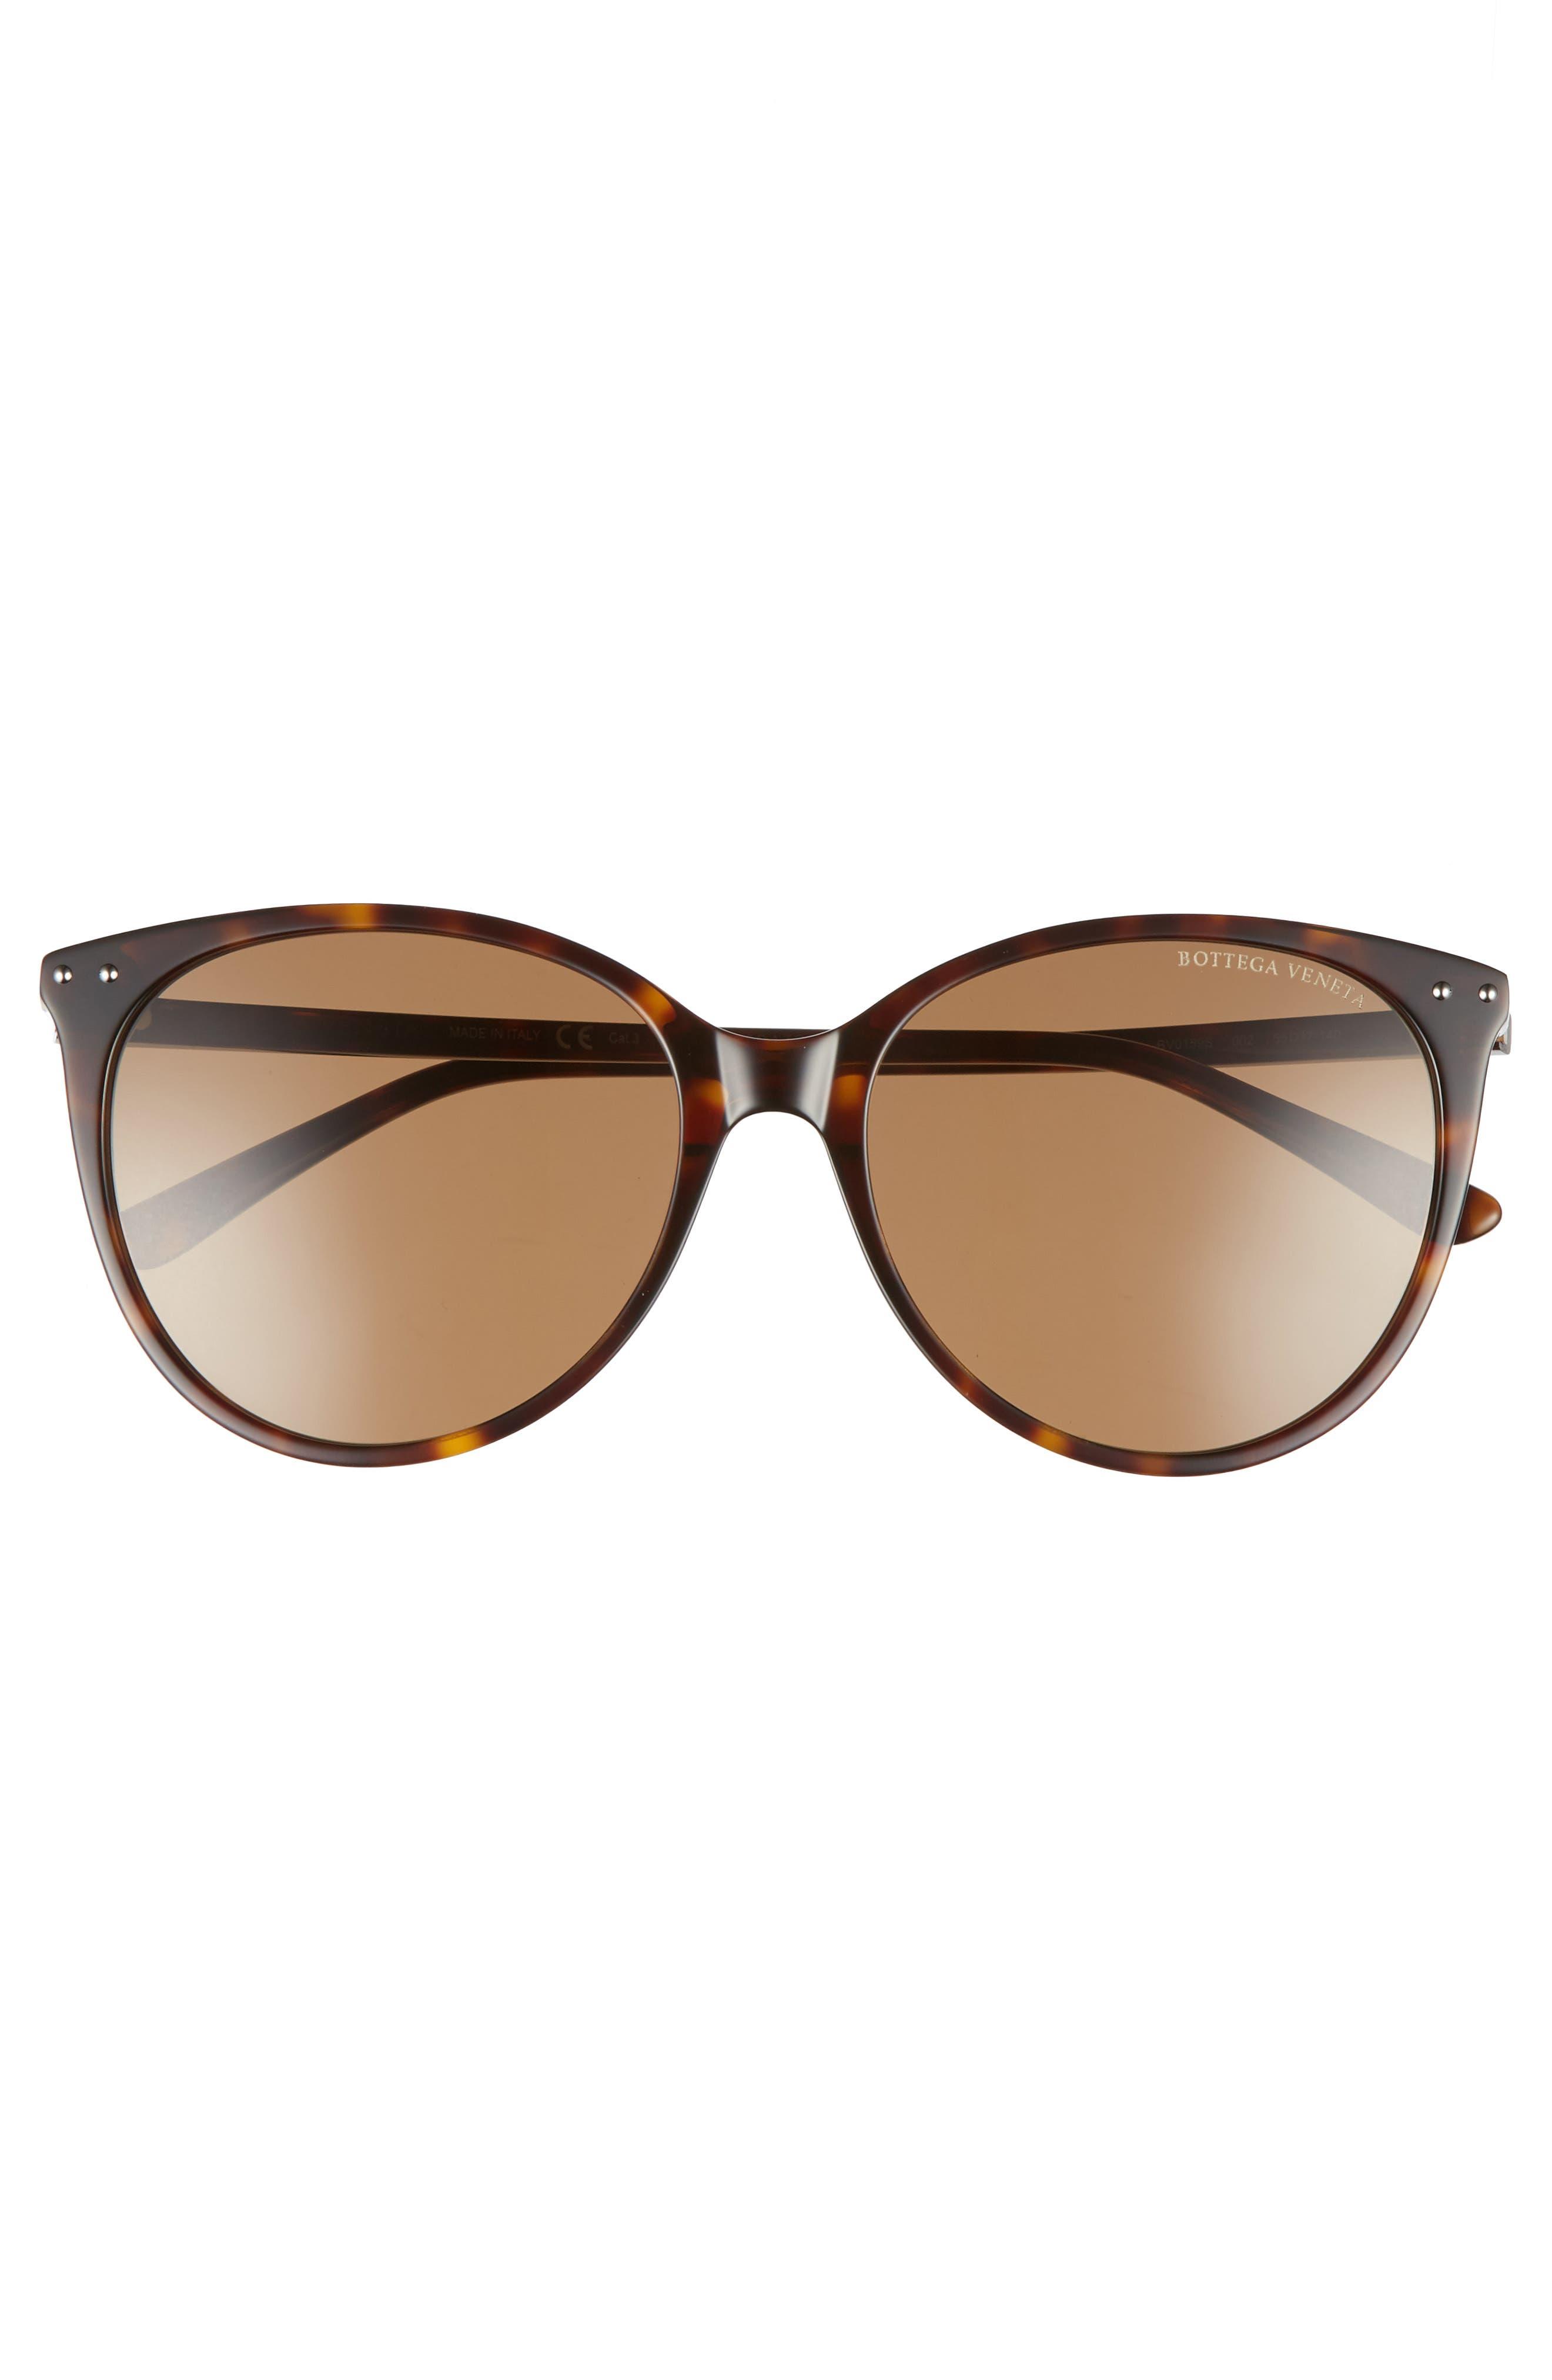 55mm Cat Eye Sunglasses,                             Alternate thumbnail 3, color,                             DARK HAVANA